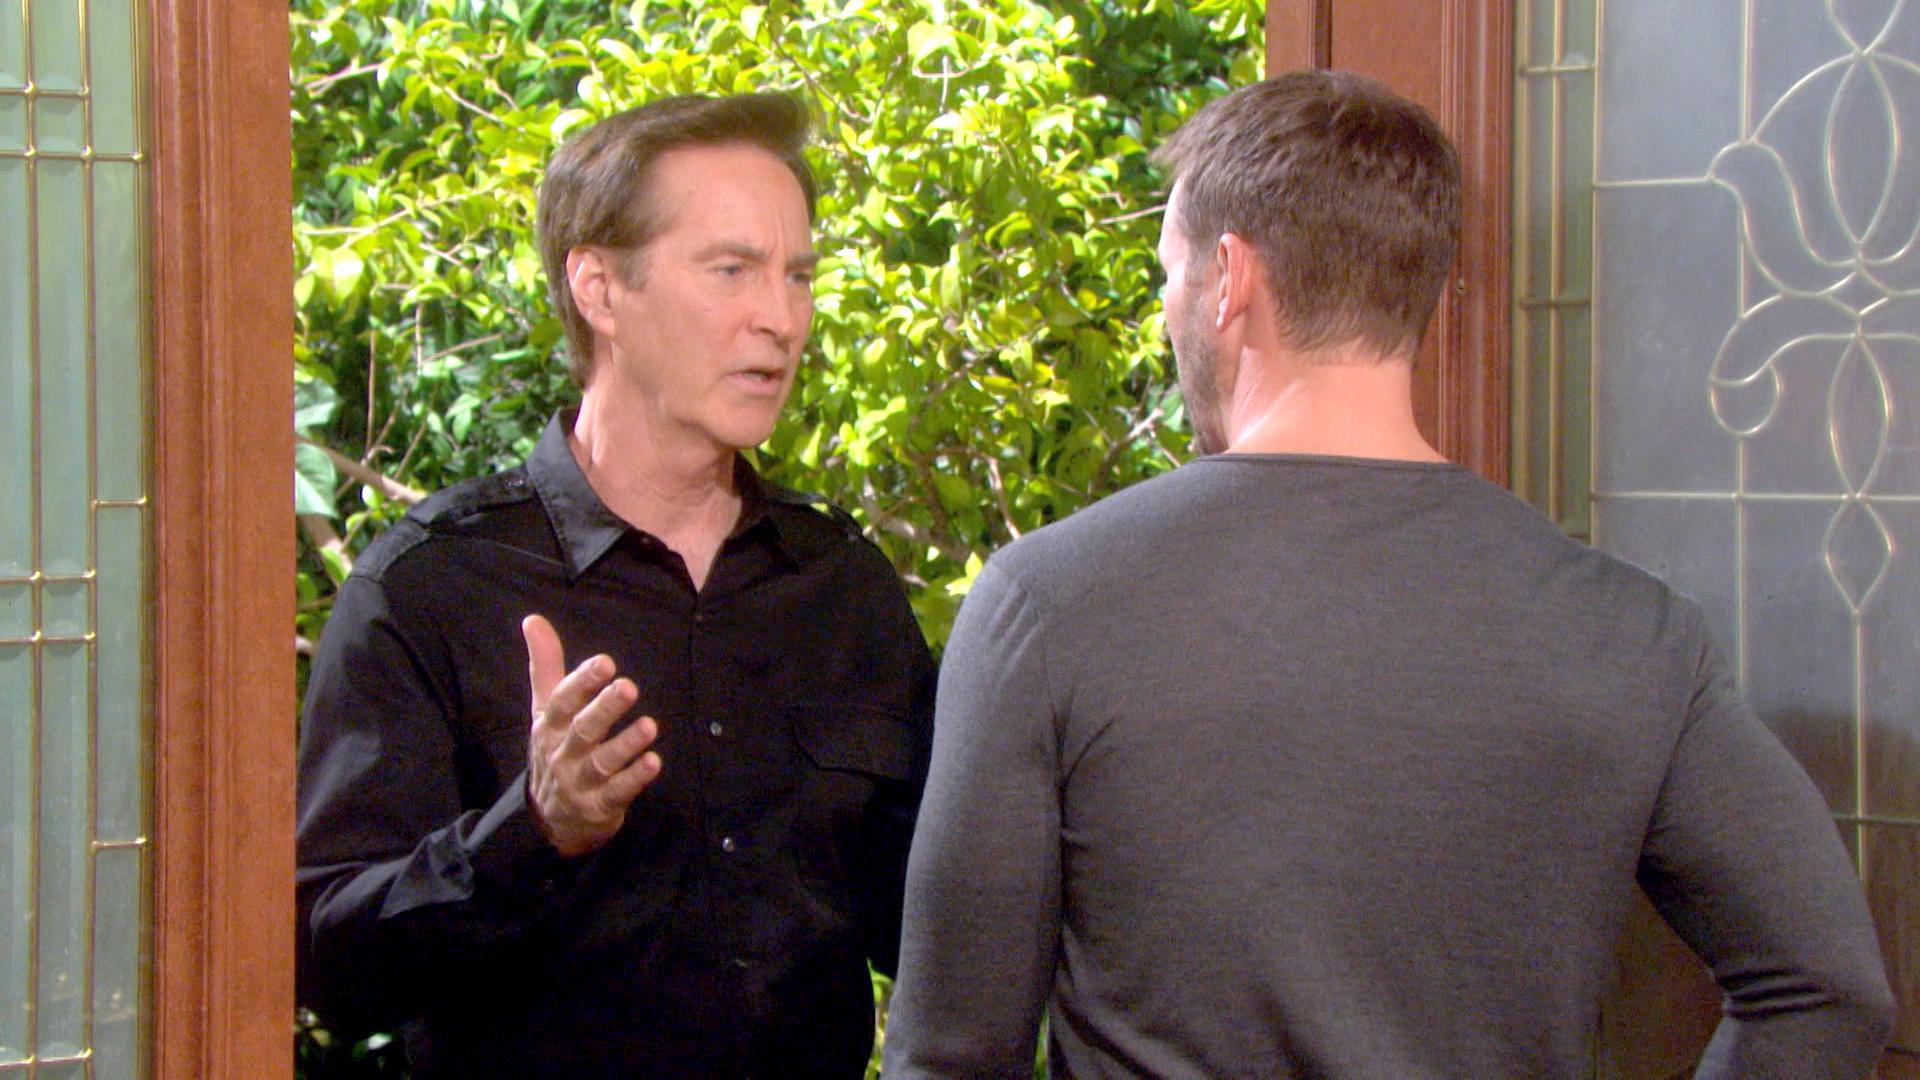 John's actions push Brady toward Theresa.